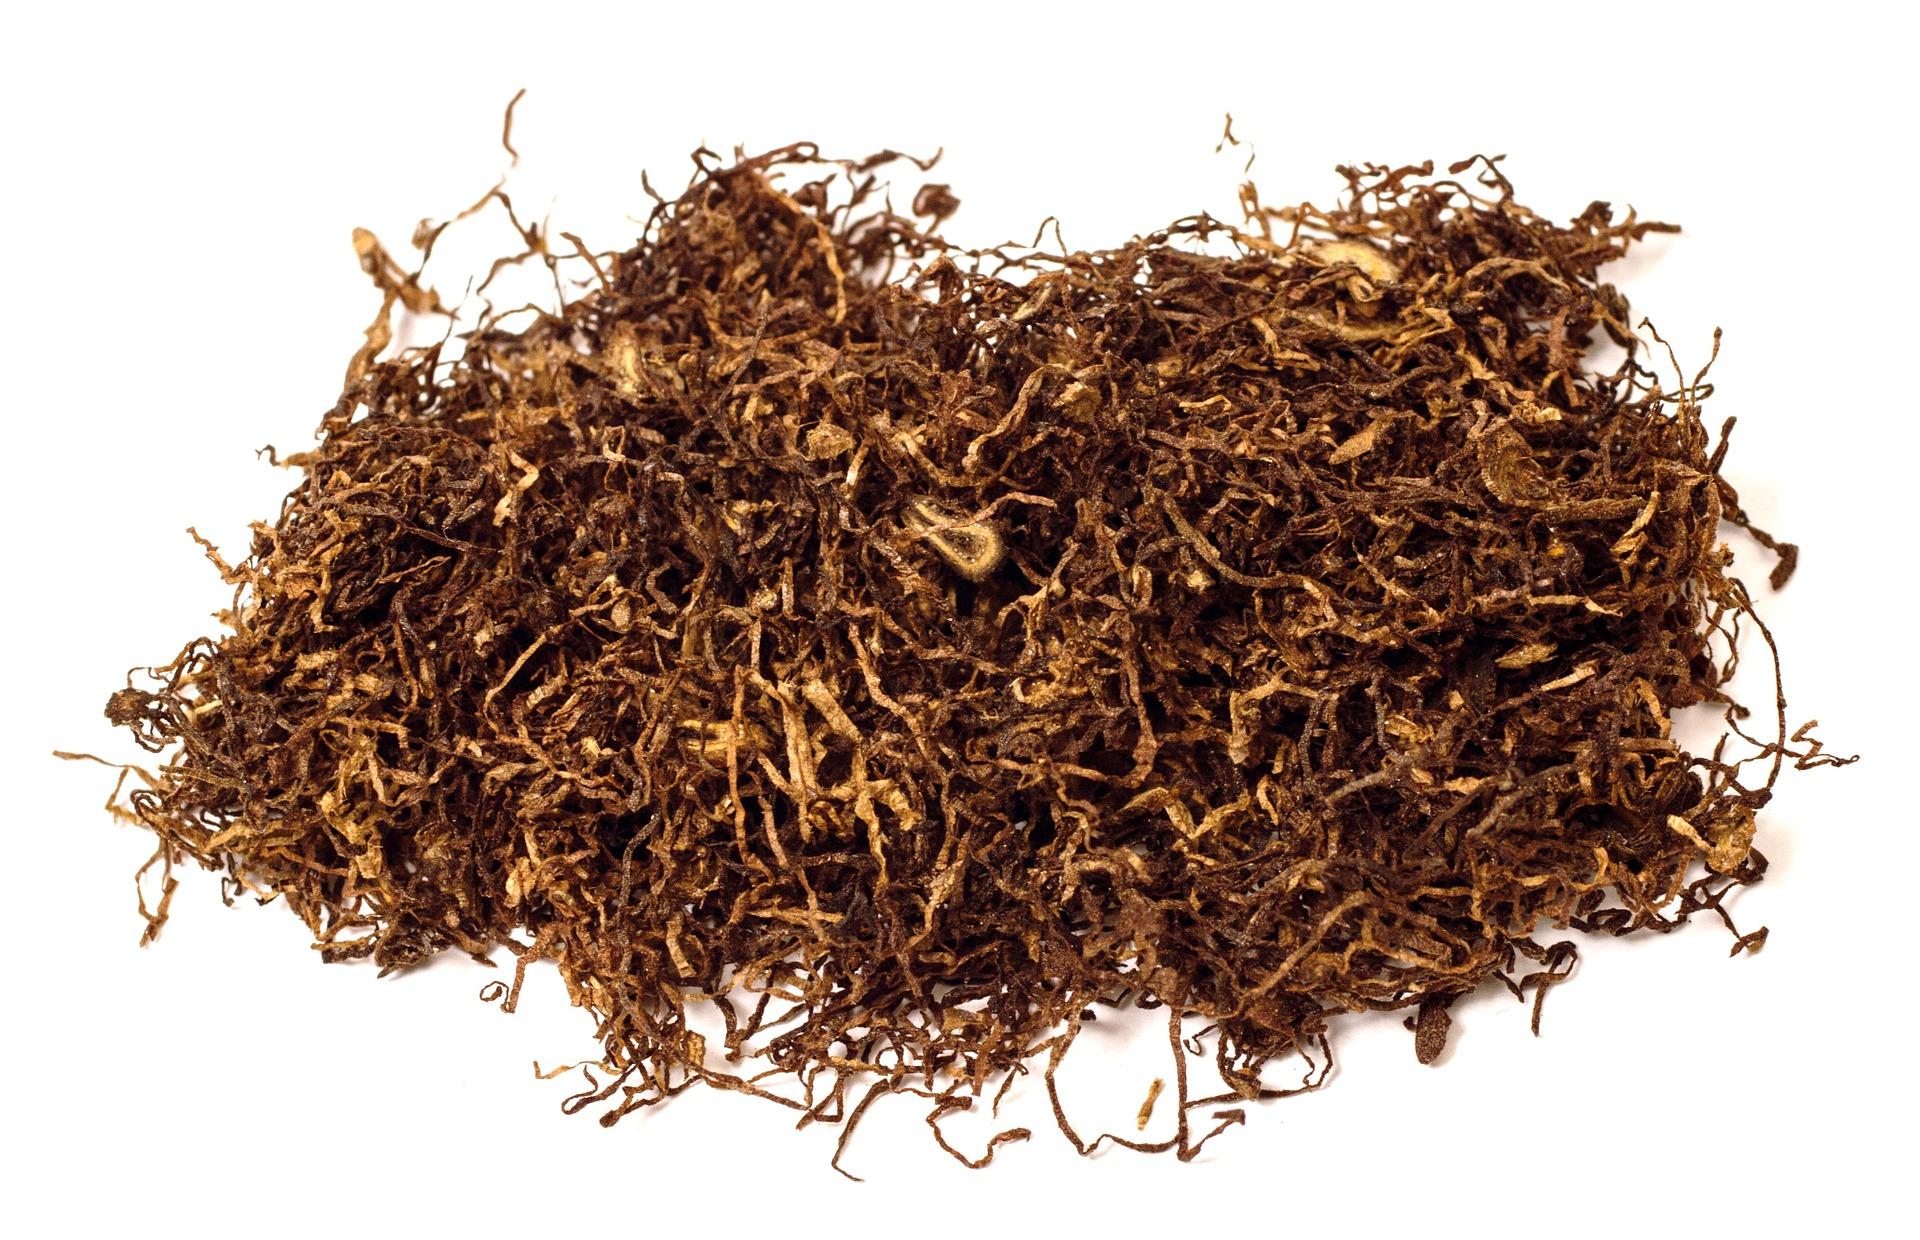 Ponad 3 mln papierosów ukryte w deskach